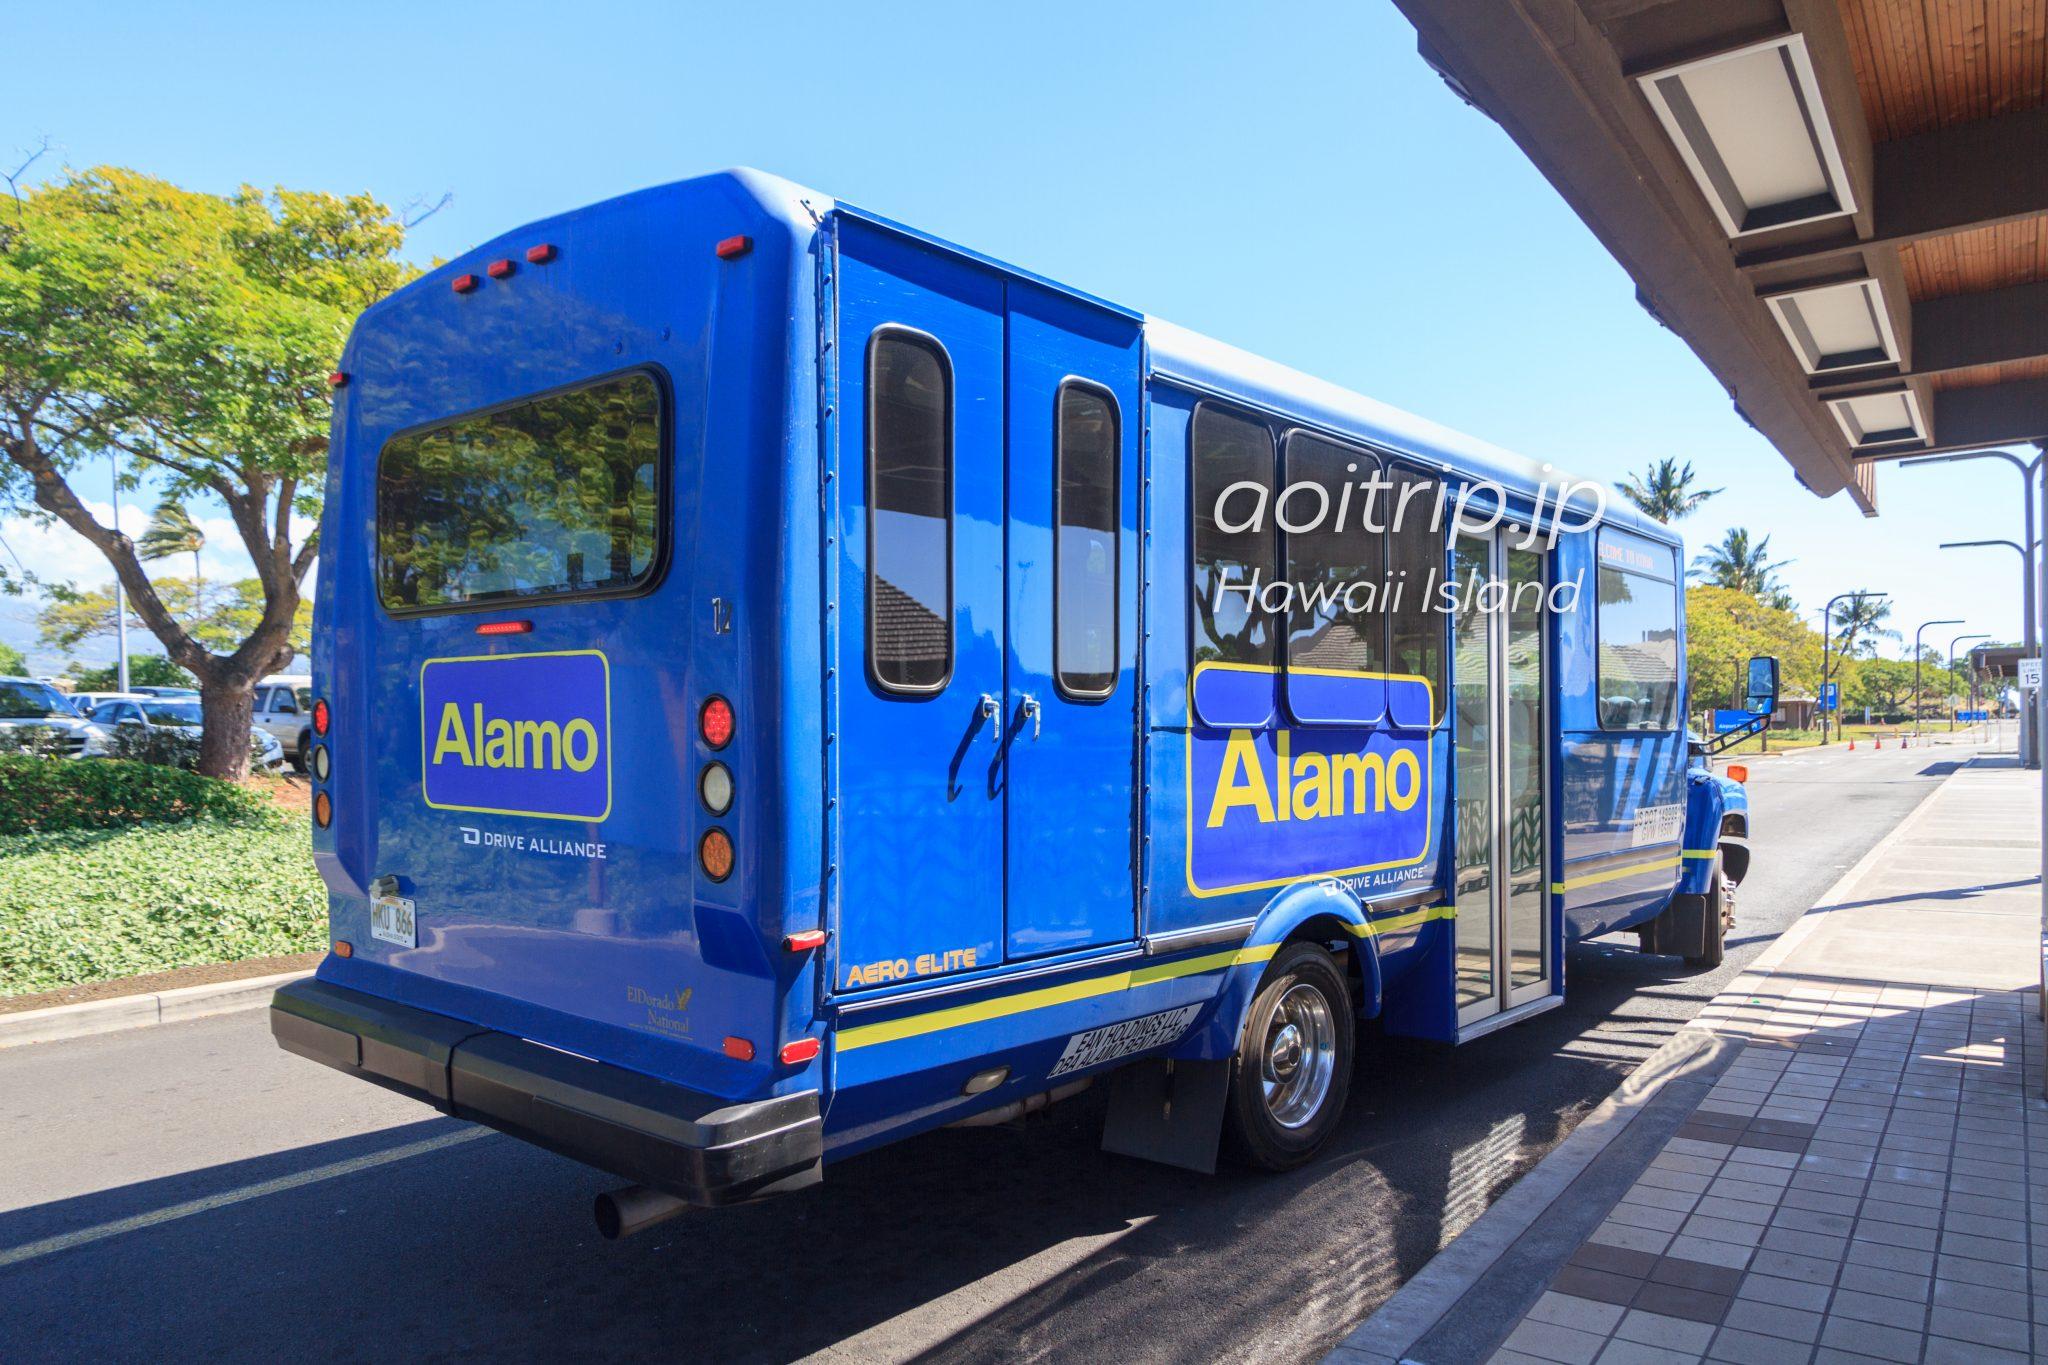 ハワイ島コナ空港 レンタカー会社シャトルバス